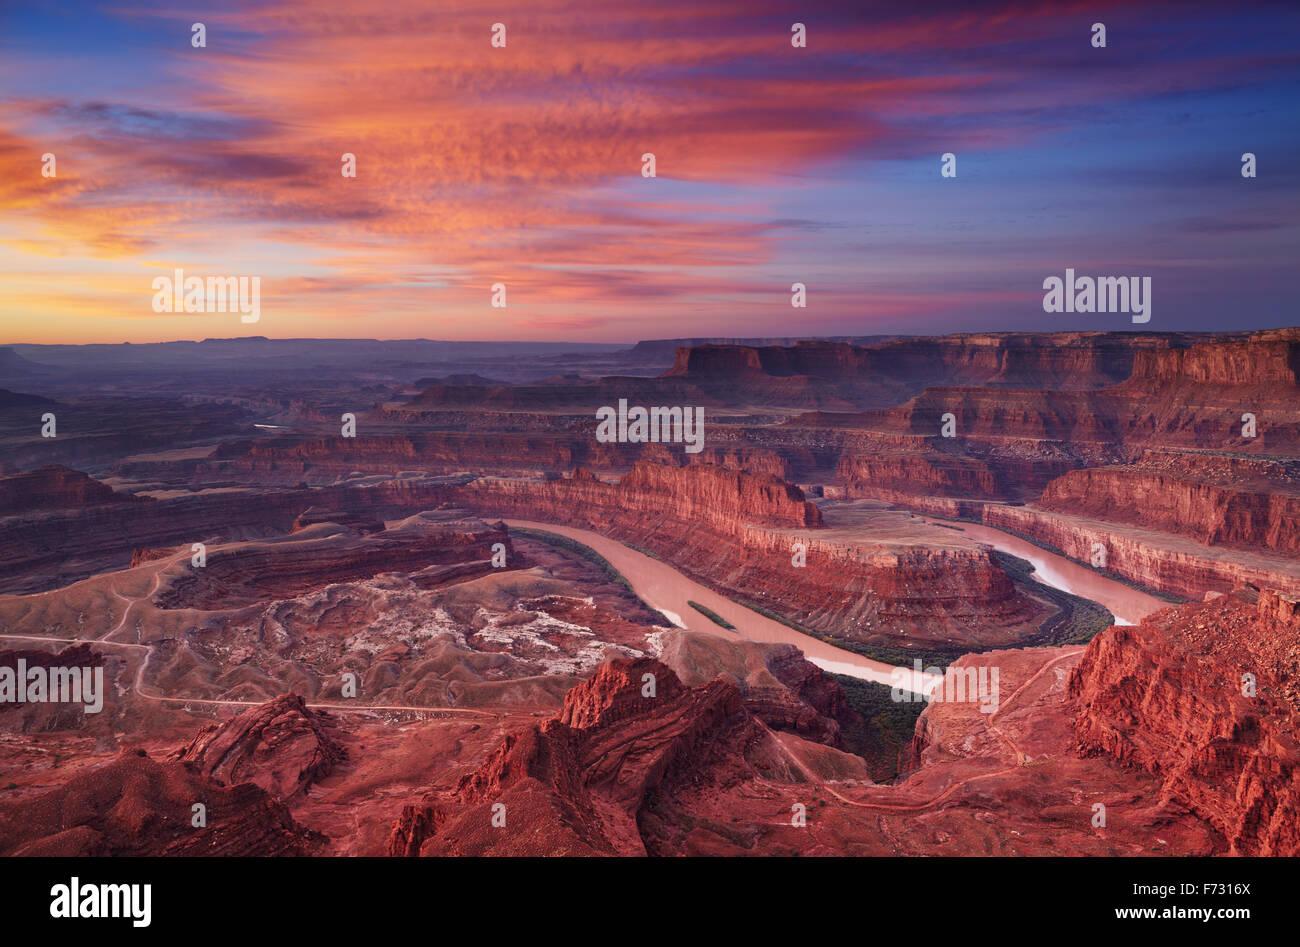 Colorido amanecer en Dead Horse Point, Río Colorado, Utah, EE.UU. Foto de stock